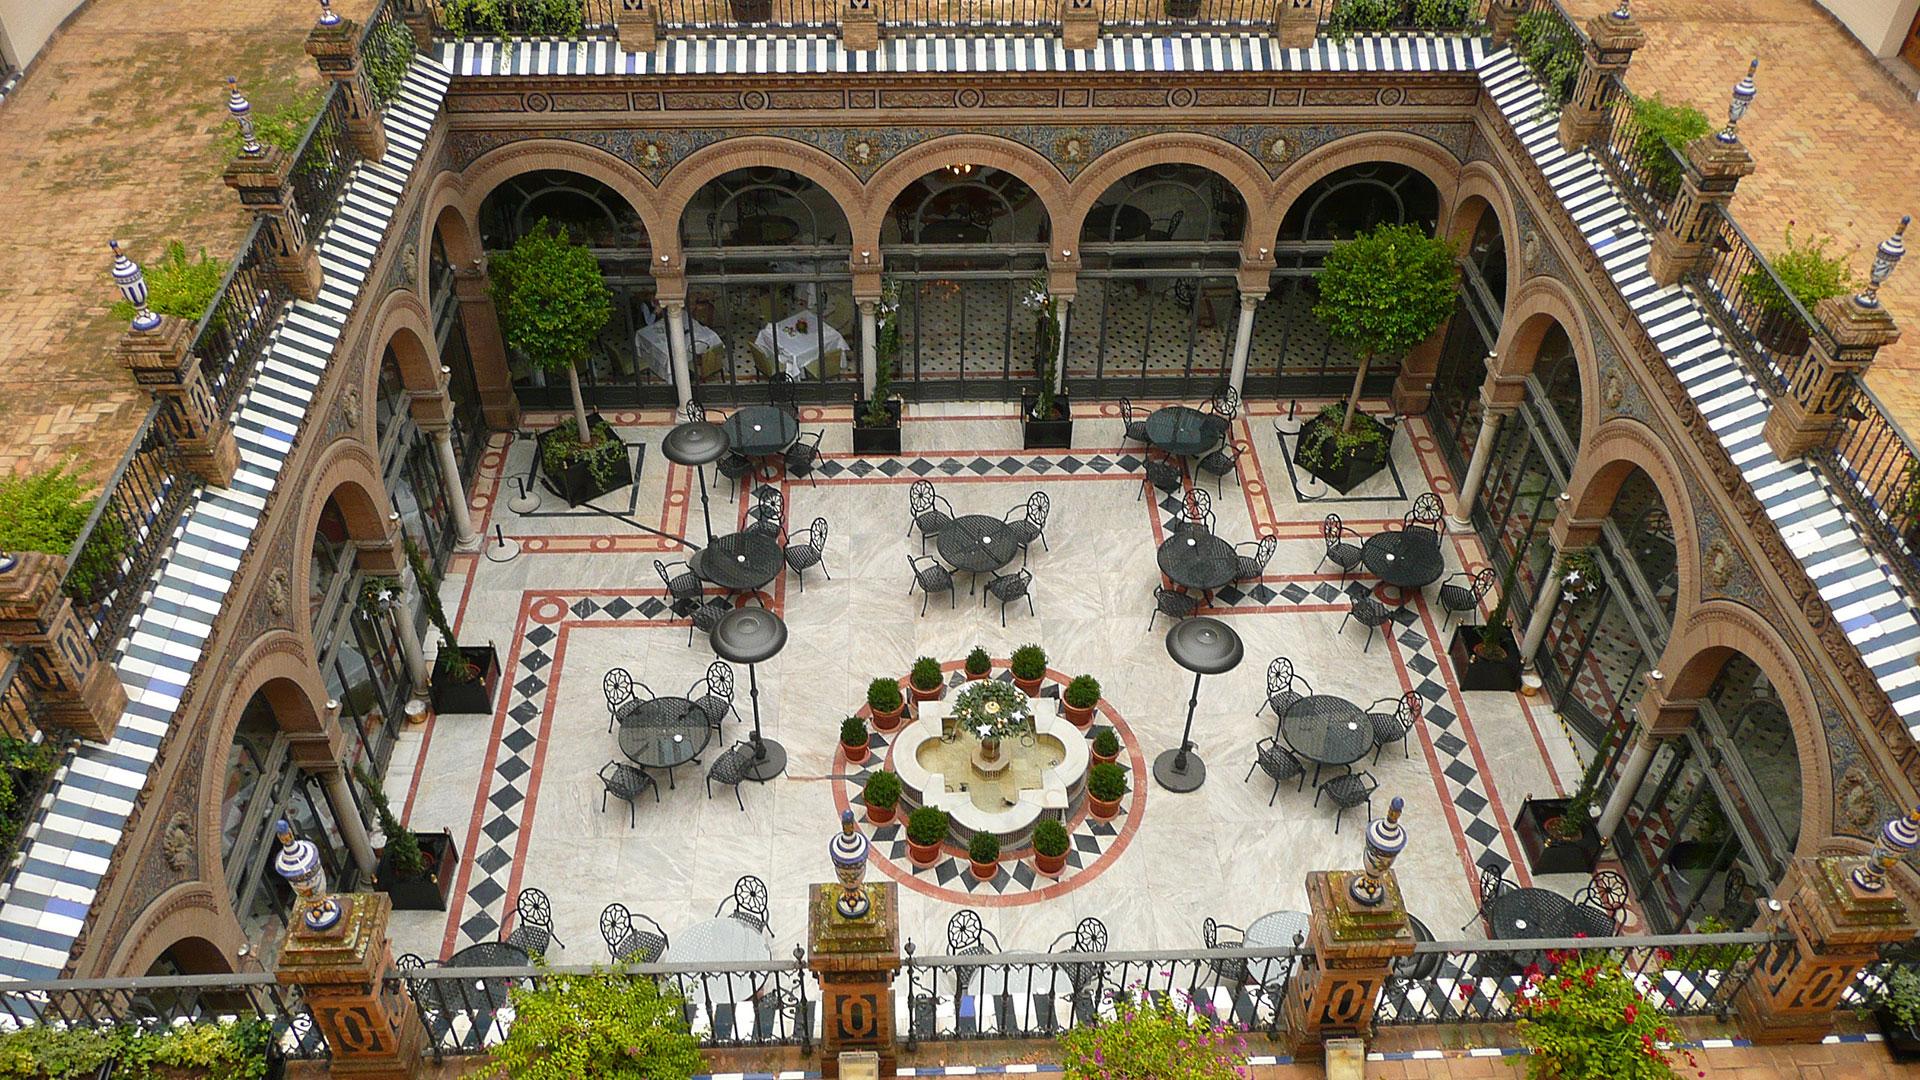 Hotel Alfonso XIII de Sevilla de cinco estrellas reabre gracias a Starwood Hotels Resorts